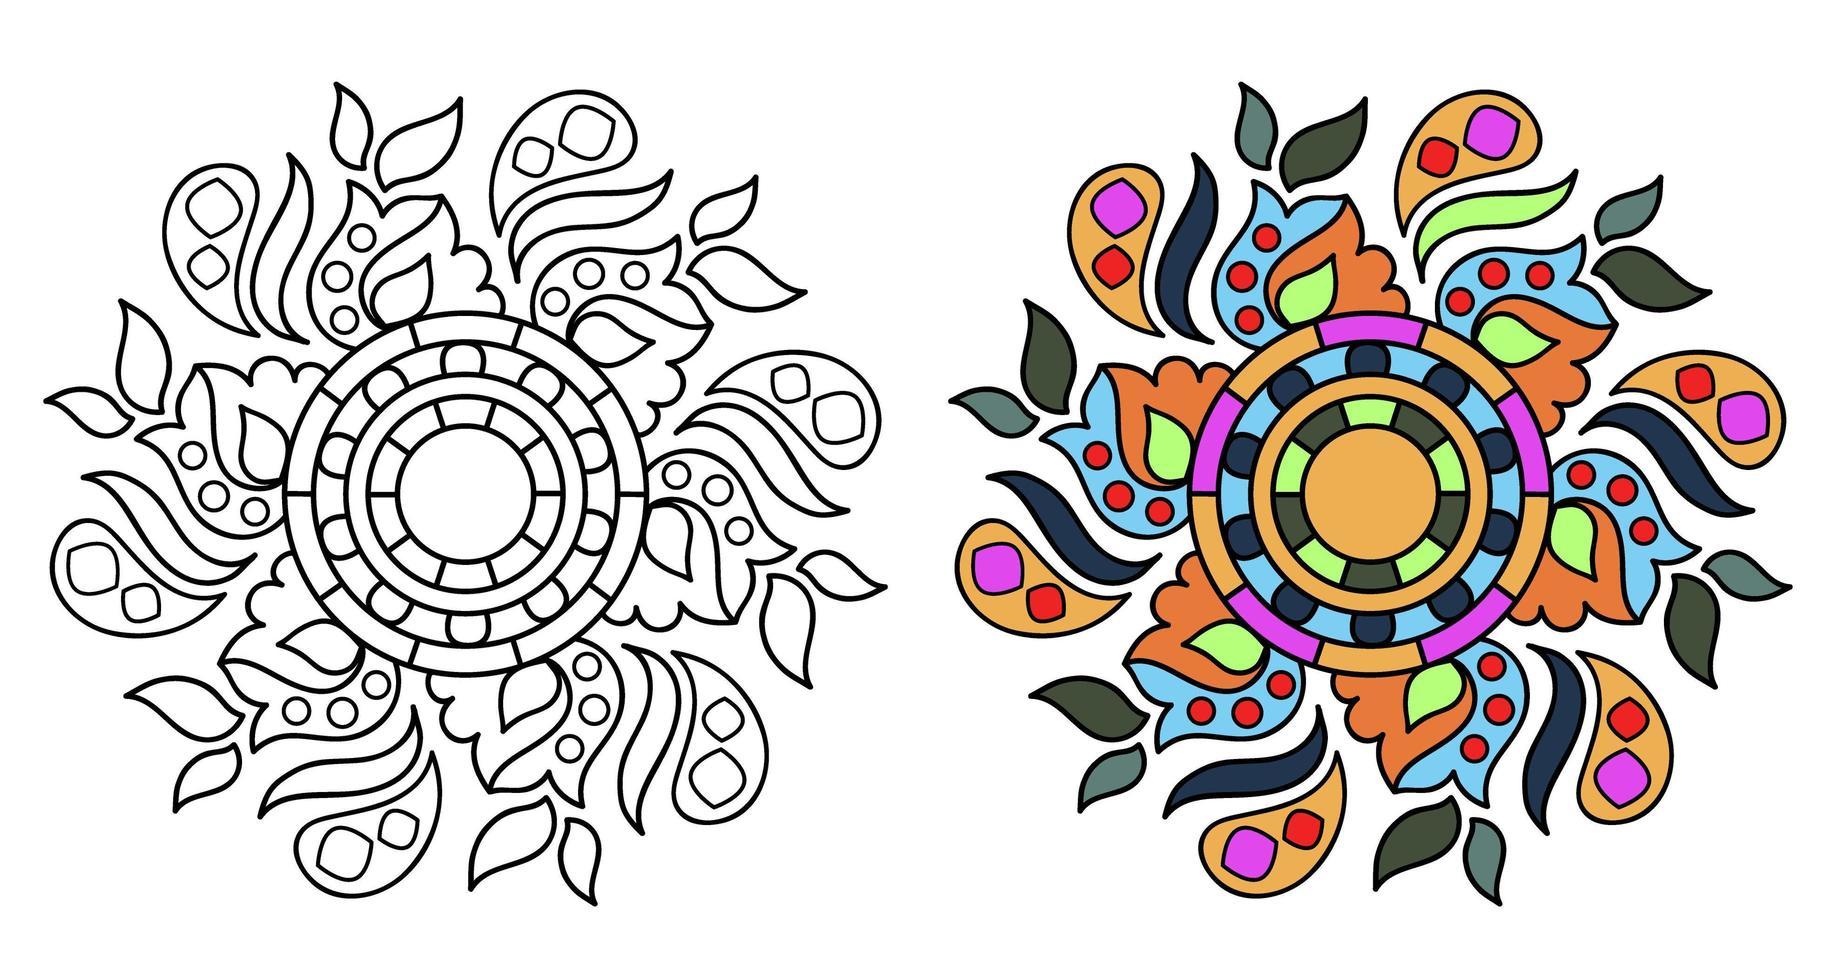 Page De Livre De Coloriage Mandala A Colorier Decoratif Ornemental Arrondi Pour Adultes Telecharger Vectoriel Gratuit Clipart Graphique Vecteur Dessins Et Pictogramme Gratuit